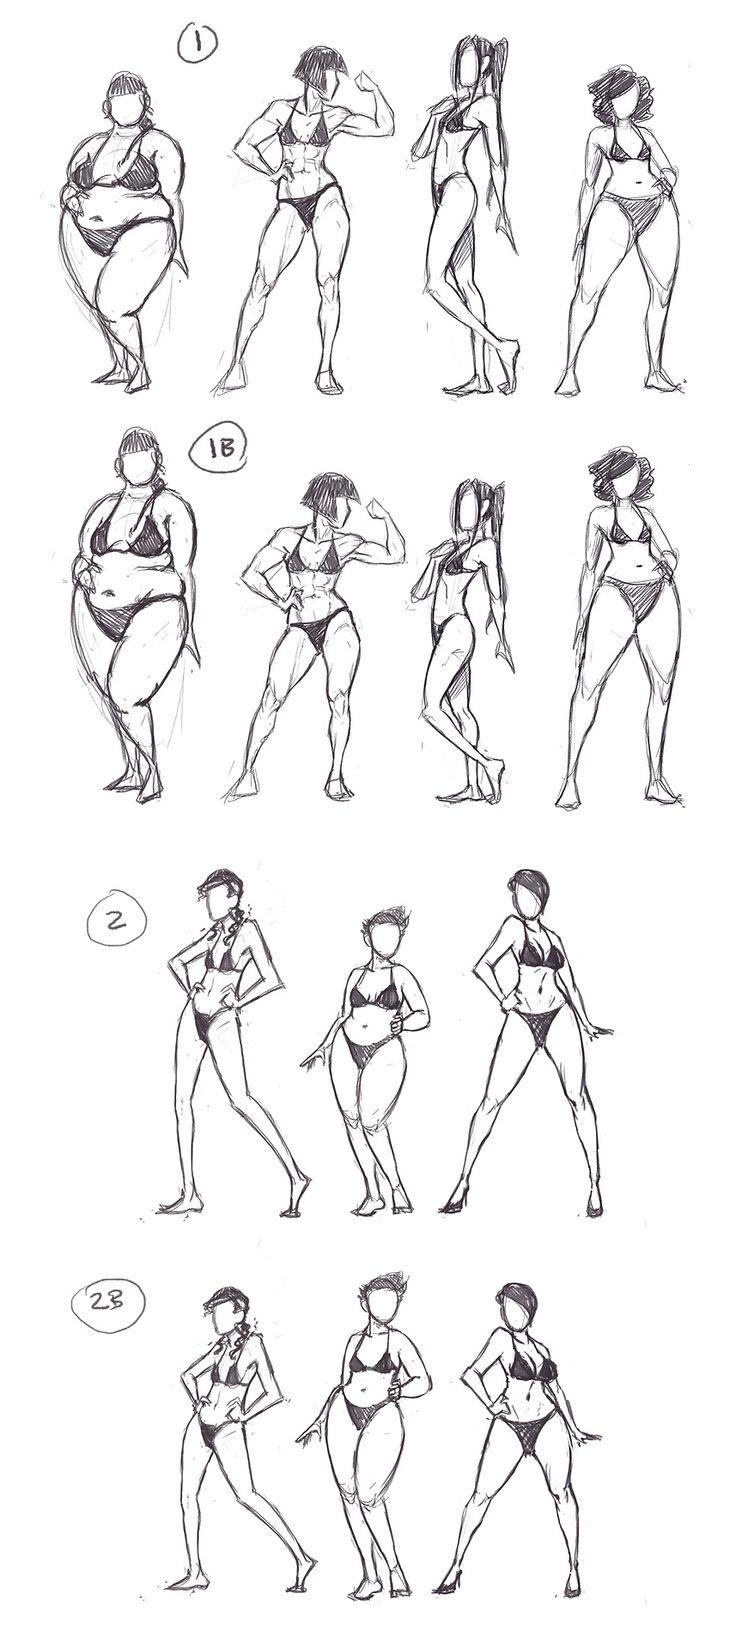 Practicar diverson tipos de cuerpos femeninos son útiles si quieres variedad en tu mundo...